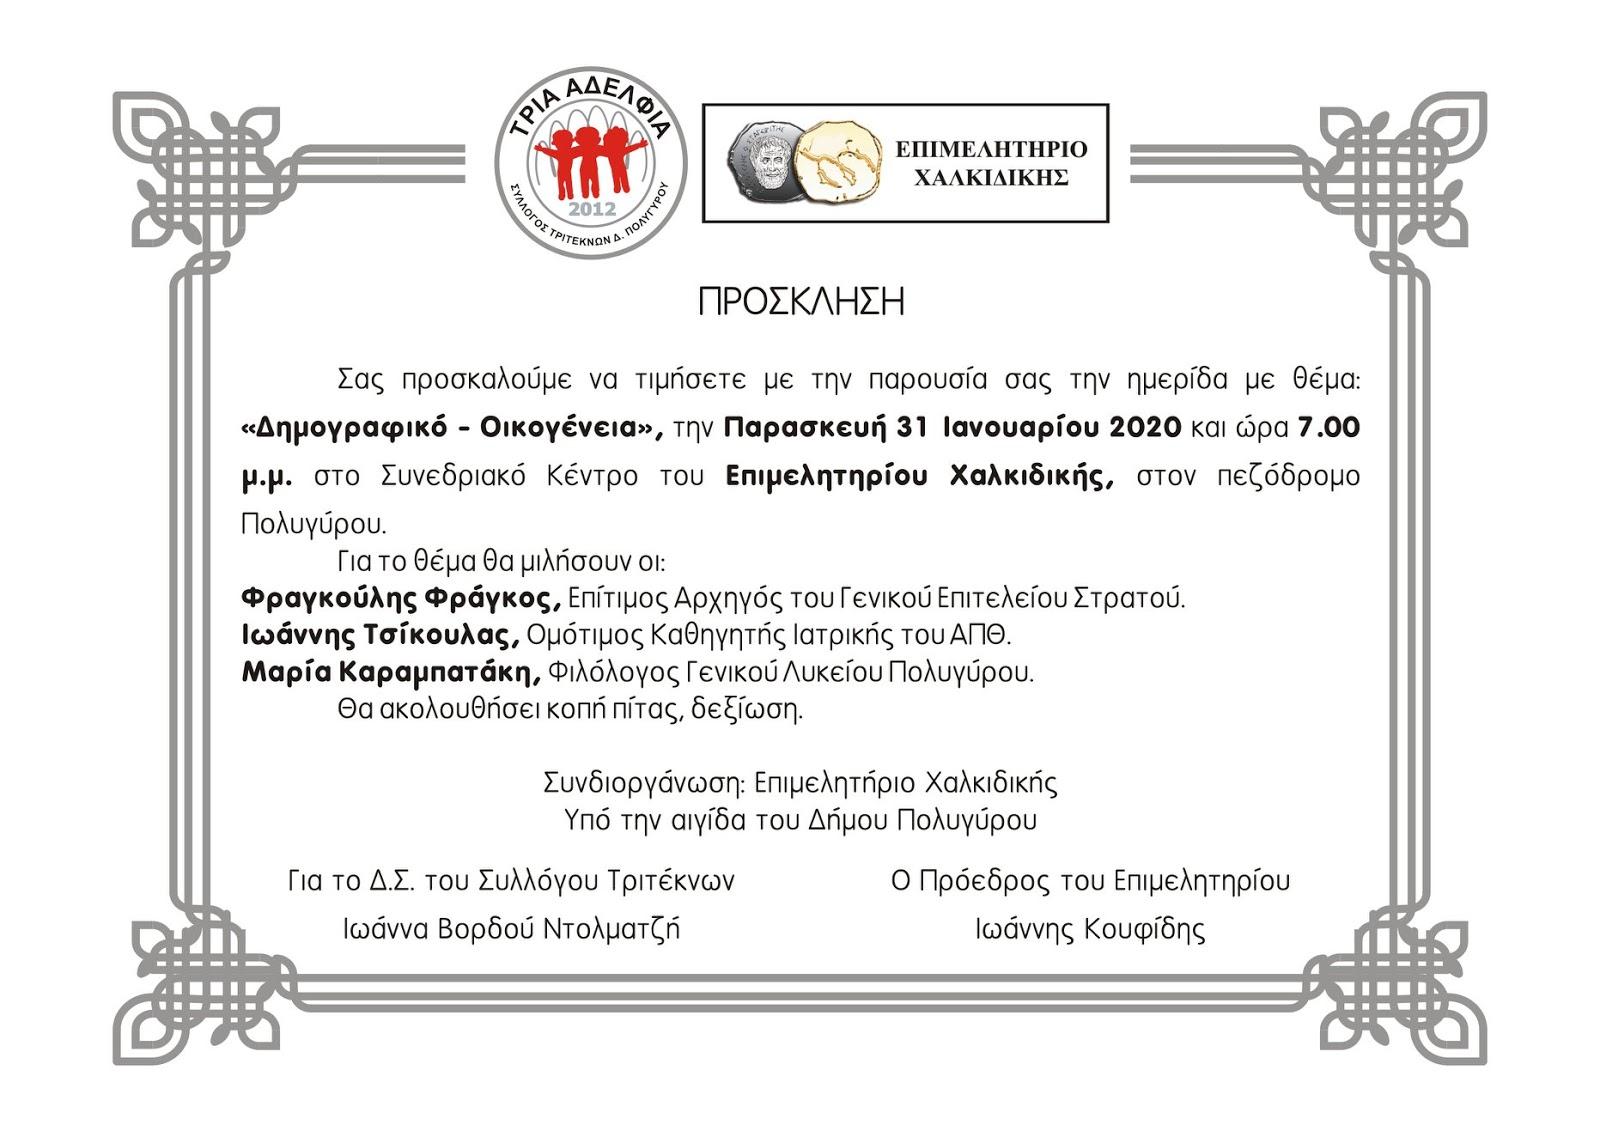 Διοργάνωση ημερίδας με θέμα «Δημογραφικό – Οικογένεια» στις 31 Ιανουαρίου στο Επιμελητήριο Χαλκιδικής